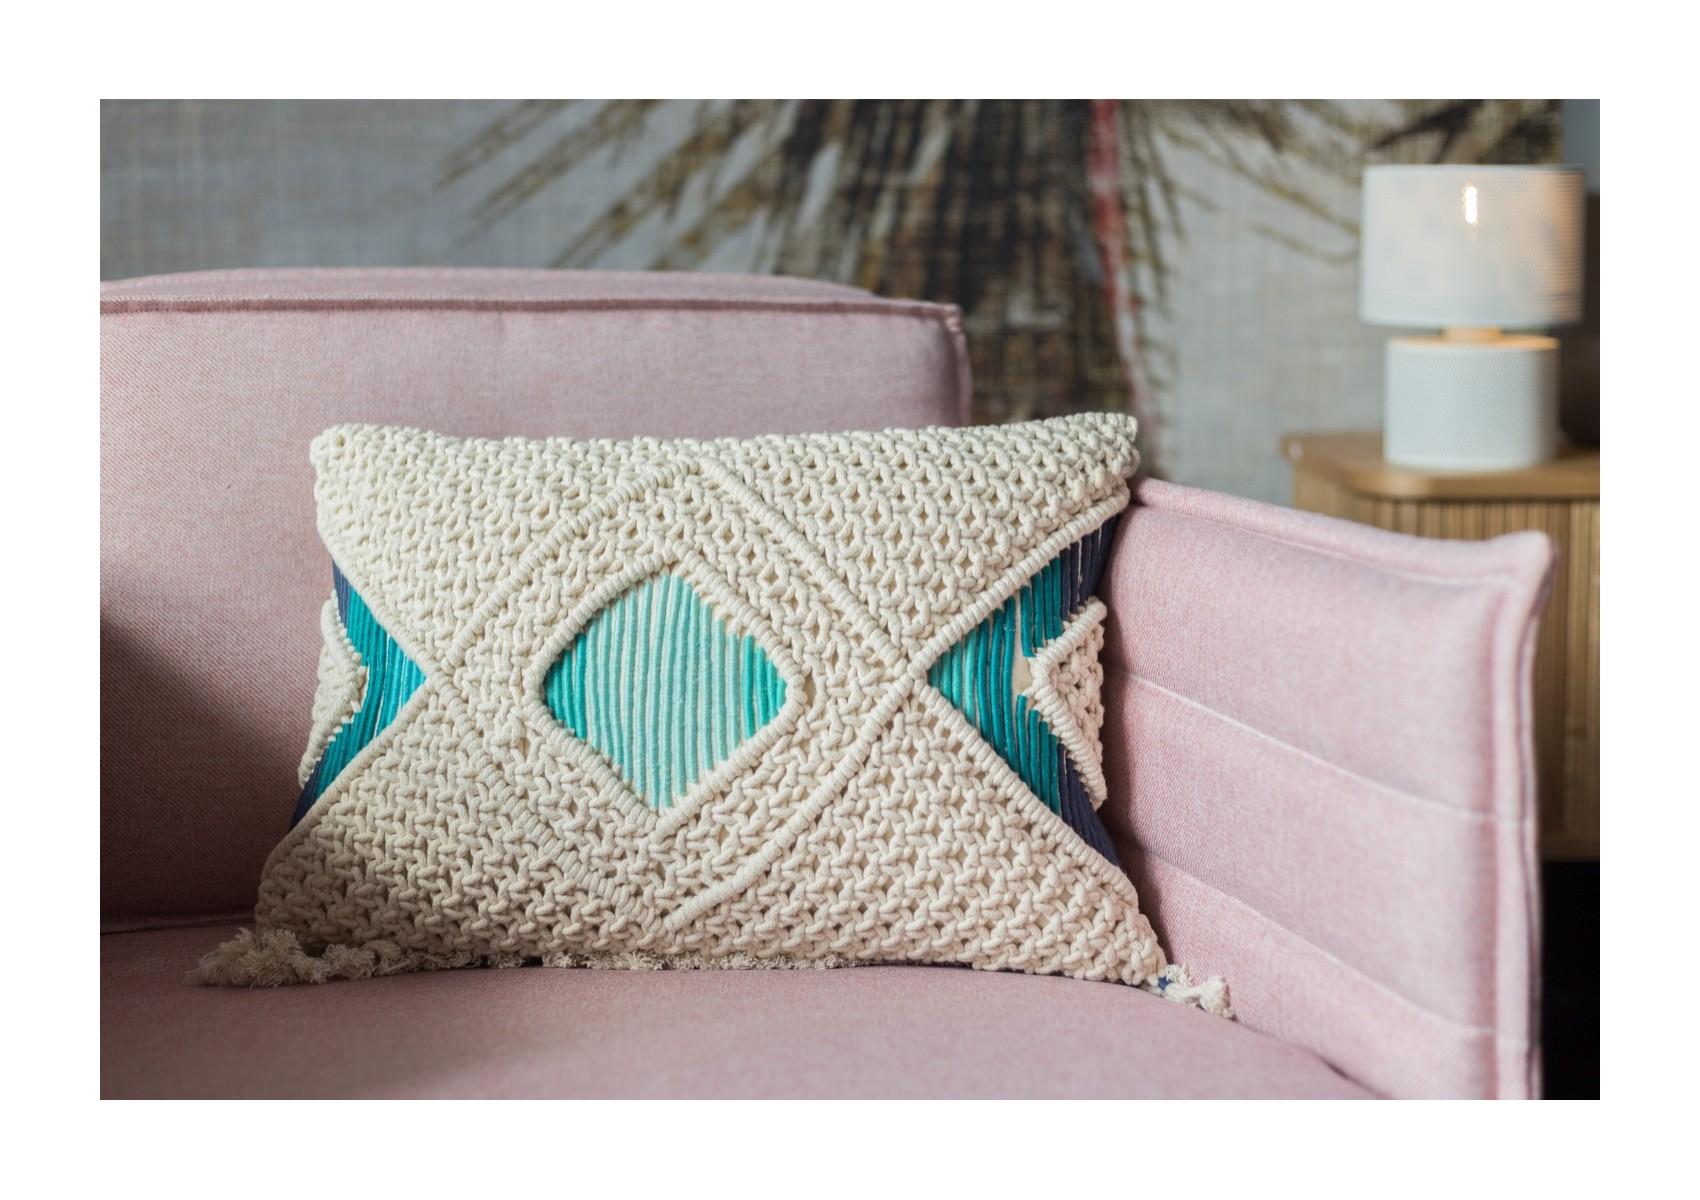 coussin brod macram ivoire et bleu coton franges zuiver. Black Bedroom Furniture Sets. Home Design Ideas